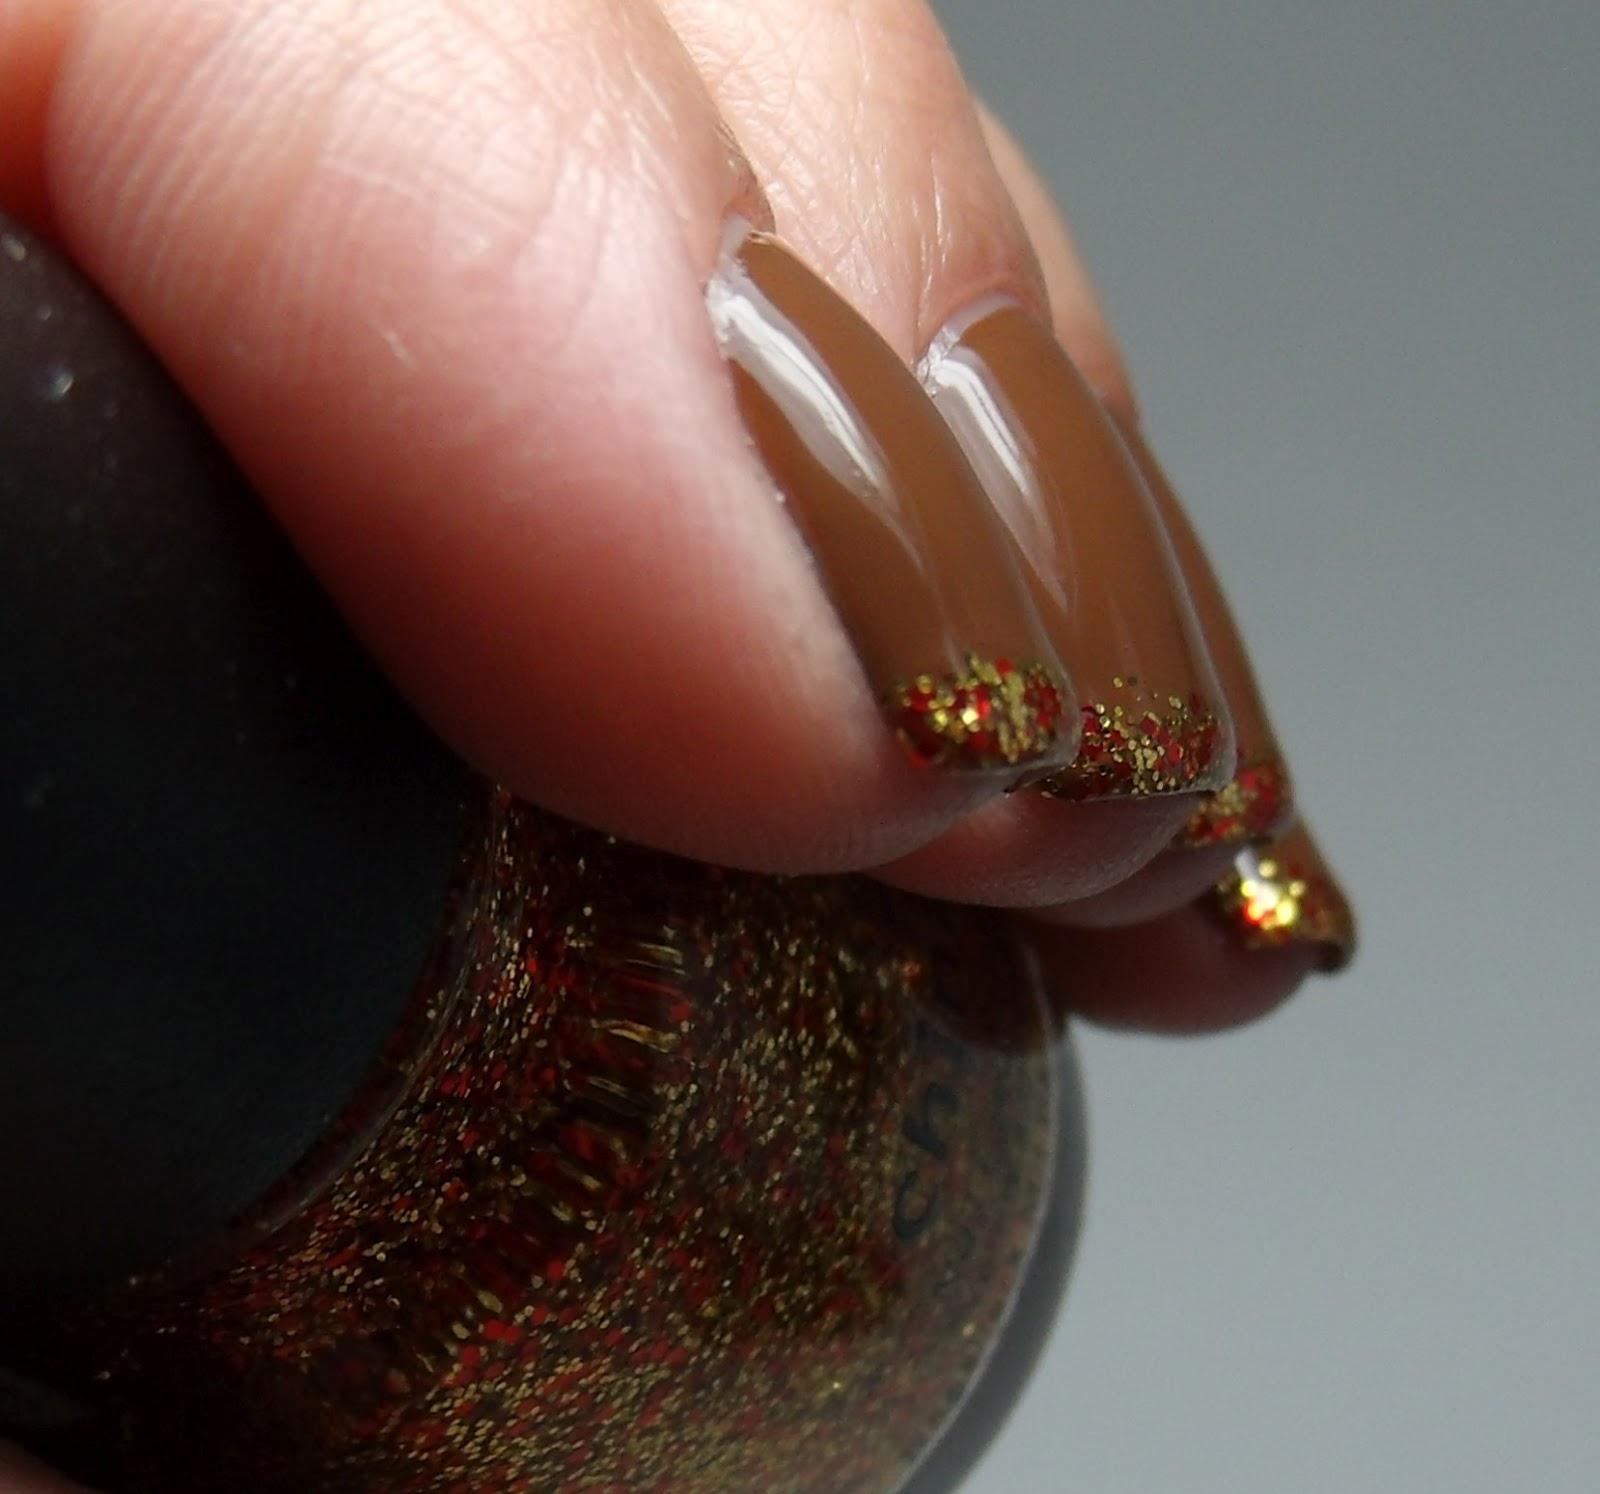 mahogany magic polish China glaze hybrid nail polish 649 china glaze hybrid nail polish 649 selling opi nail polish since 2006 search cart 0 search home nail polish brands opi nail polish sation nail polish china glaze nail polish opi nail polish.